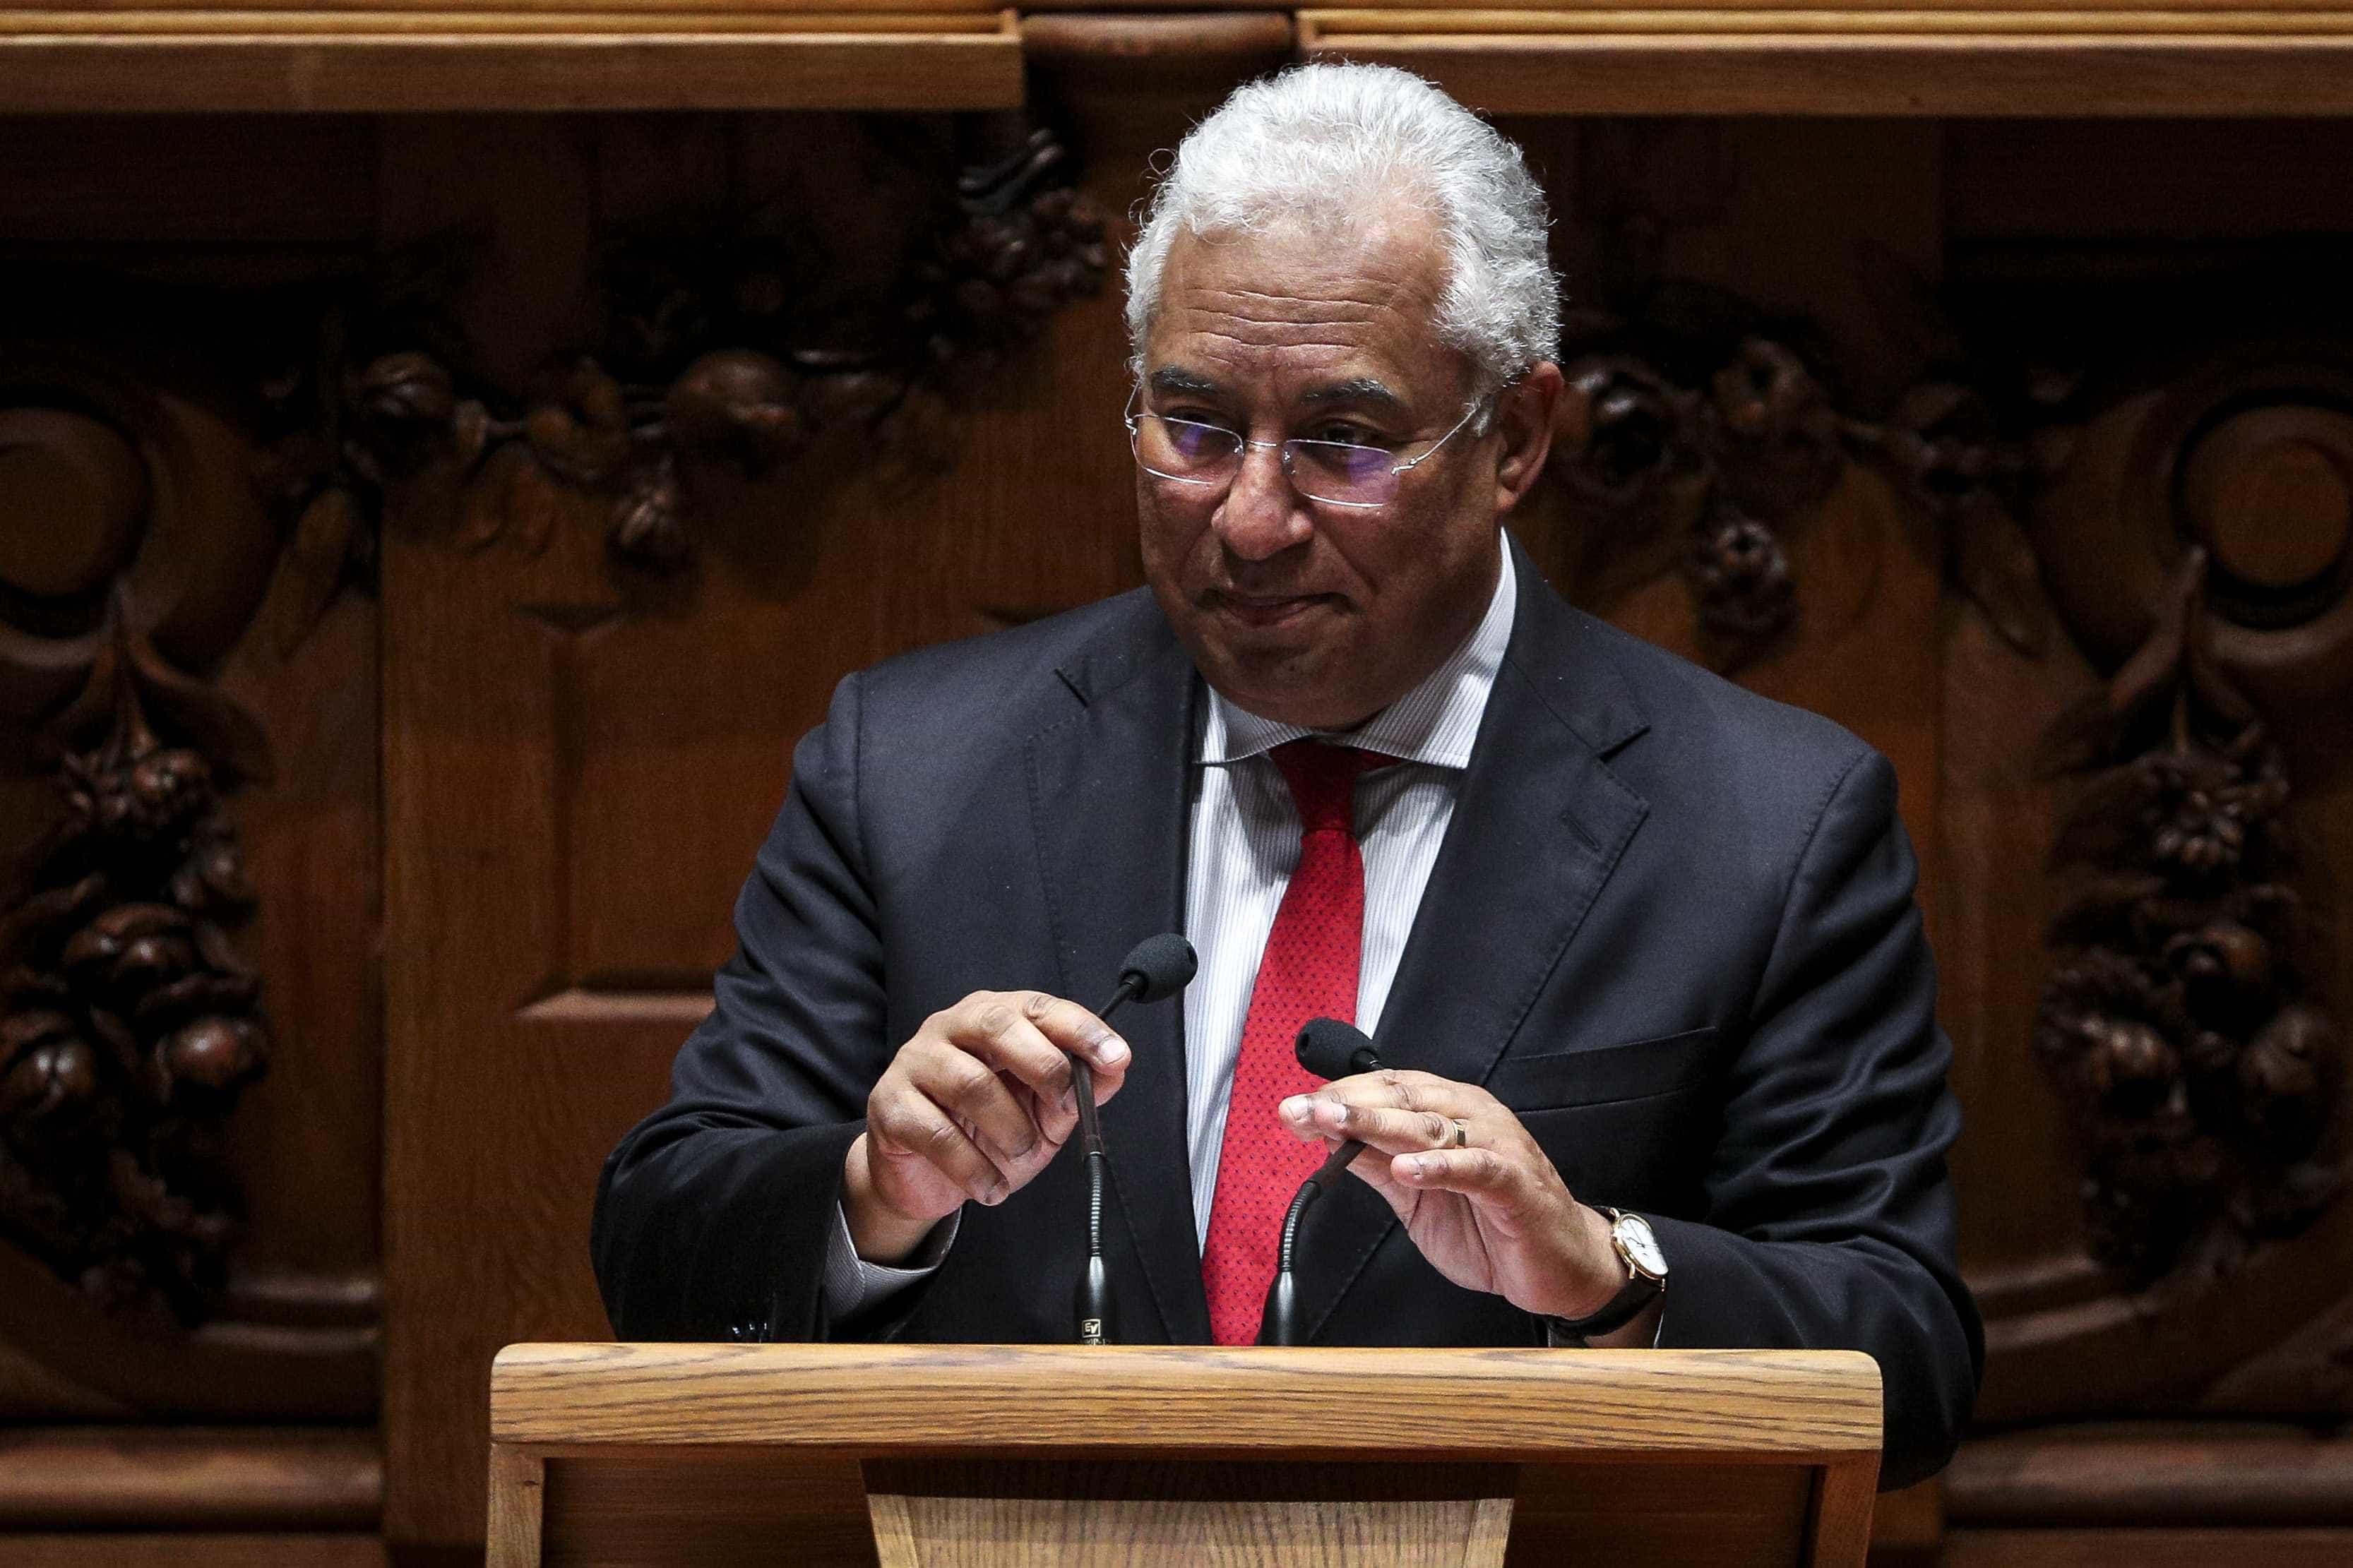 António Costa pede novo pacto social que dê esperança aos jovens